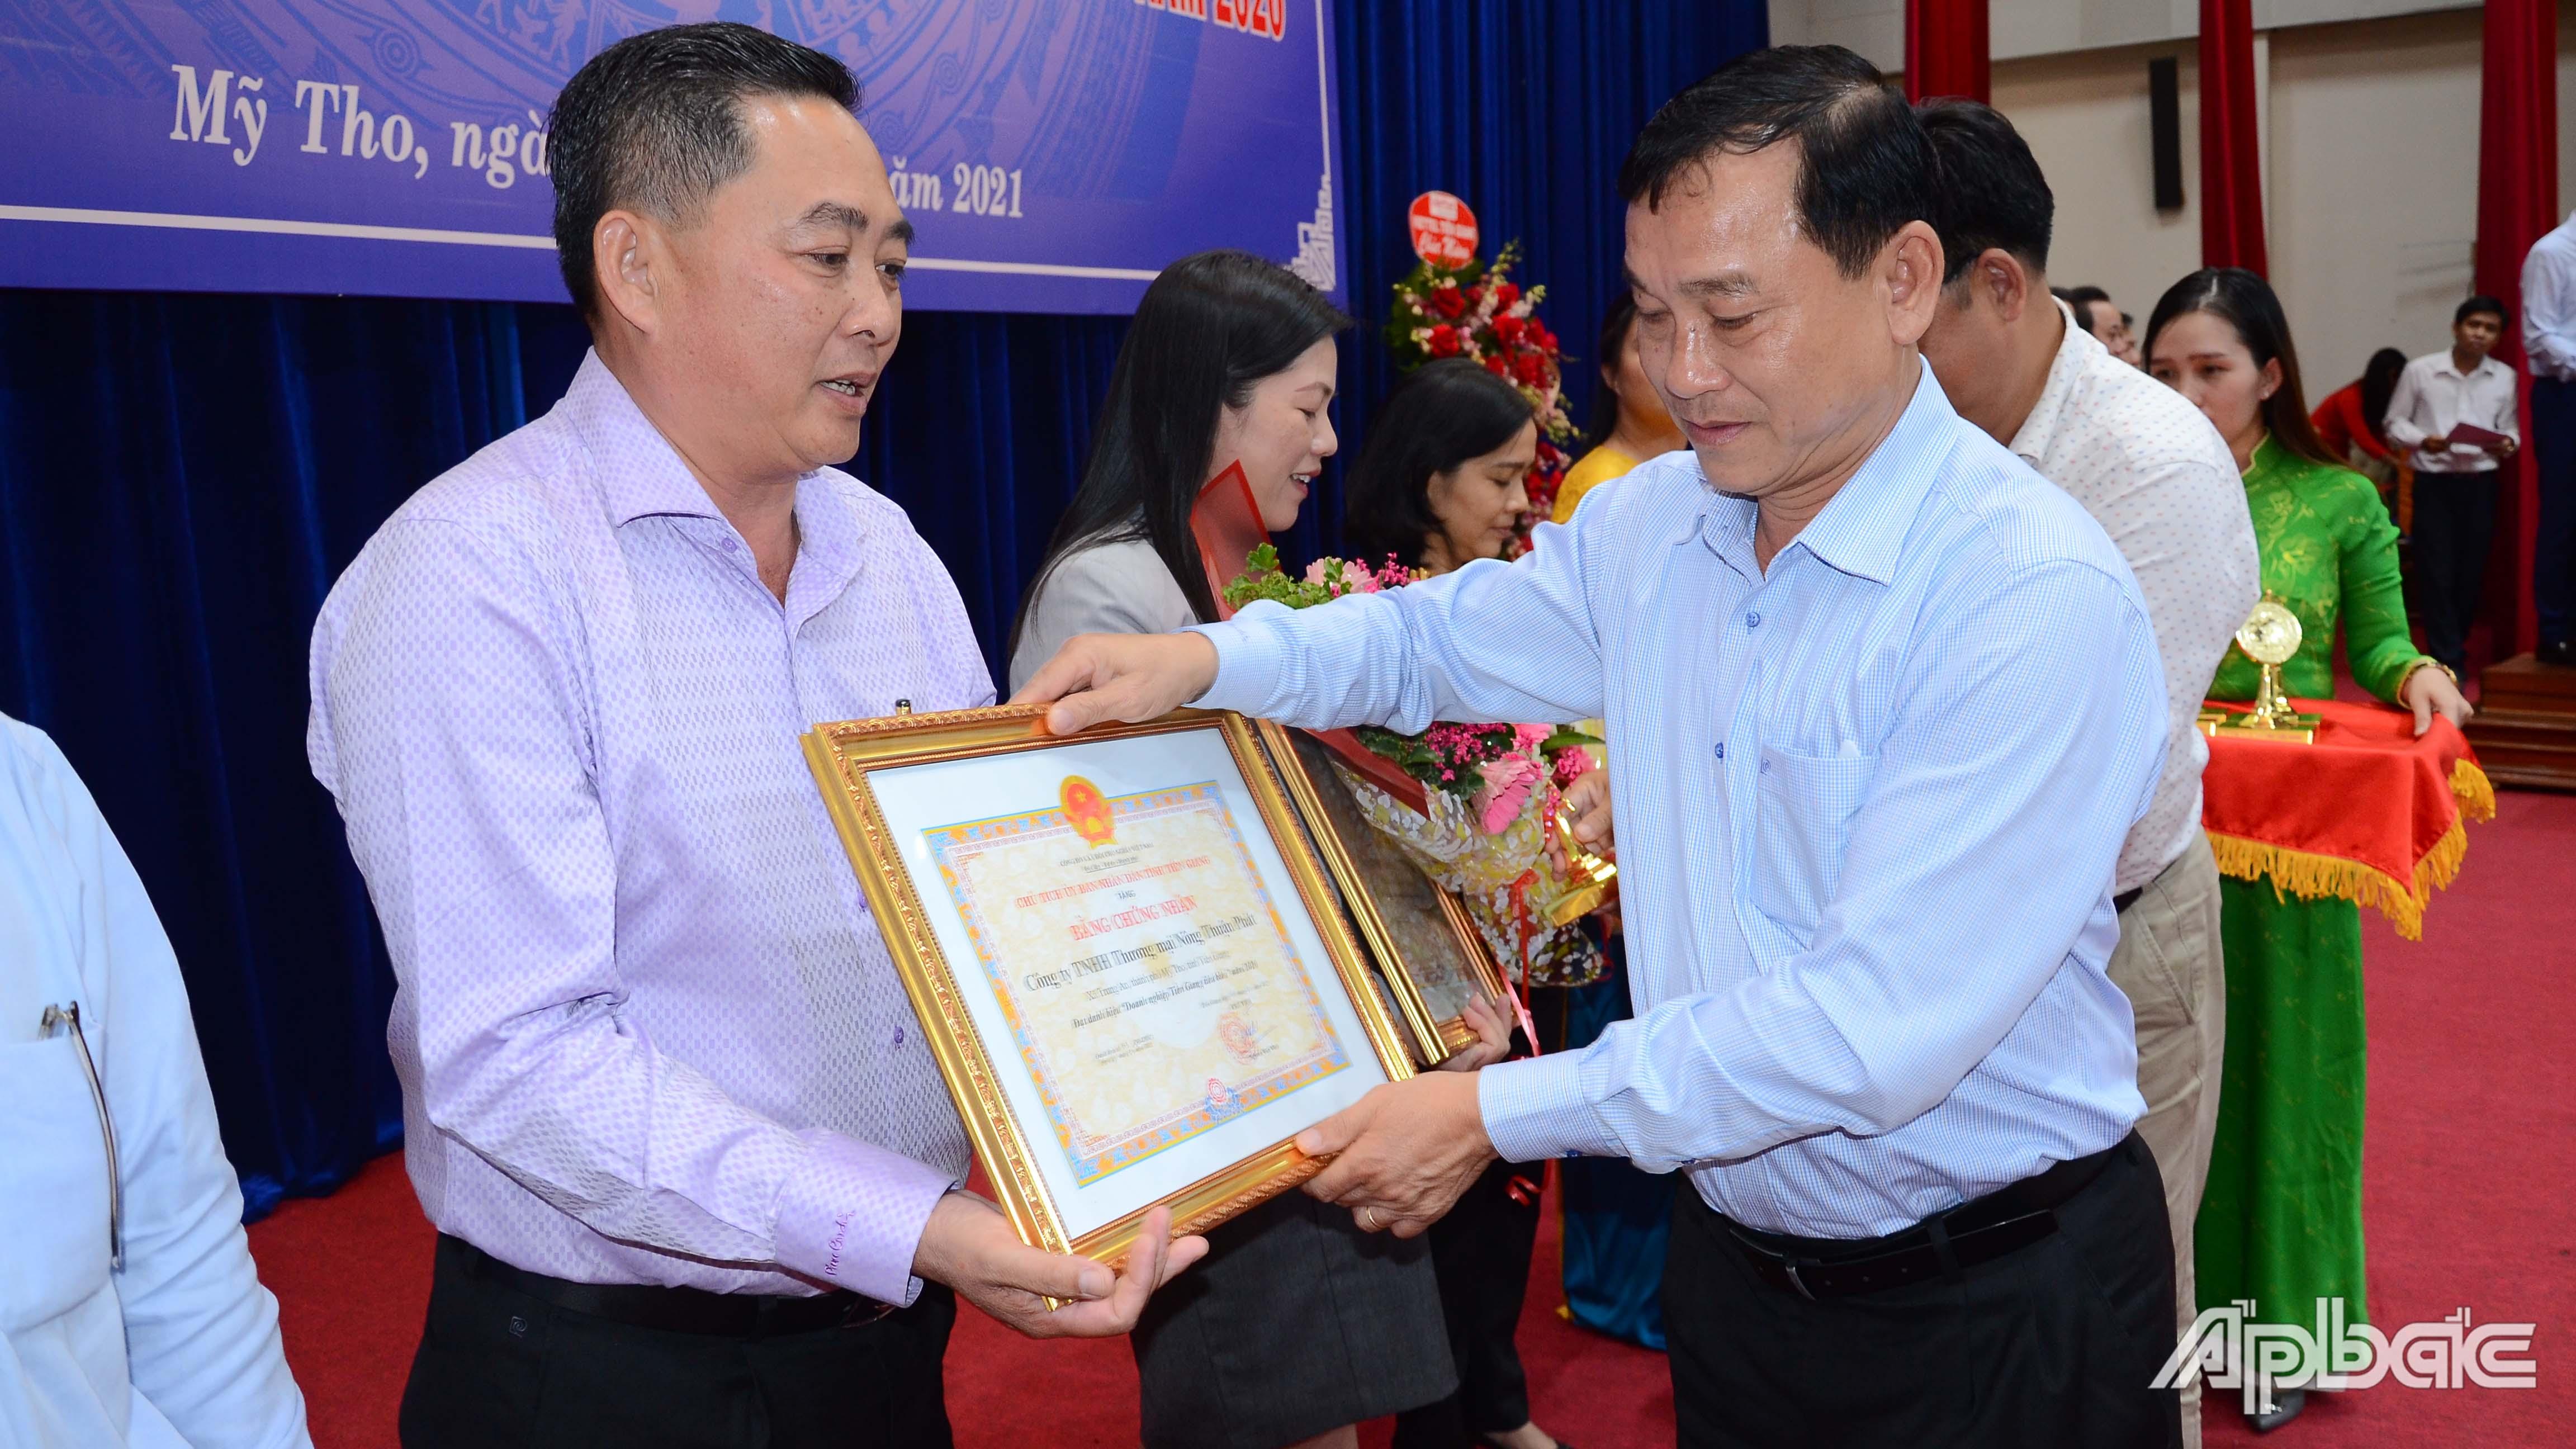 Lãnh đạo tỉnh tặng Bằng chứng nhận danh hiệu doanh nghiệp Tiền Giang tiêu biểu năm 2020.